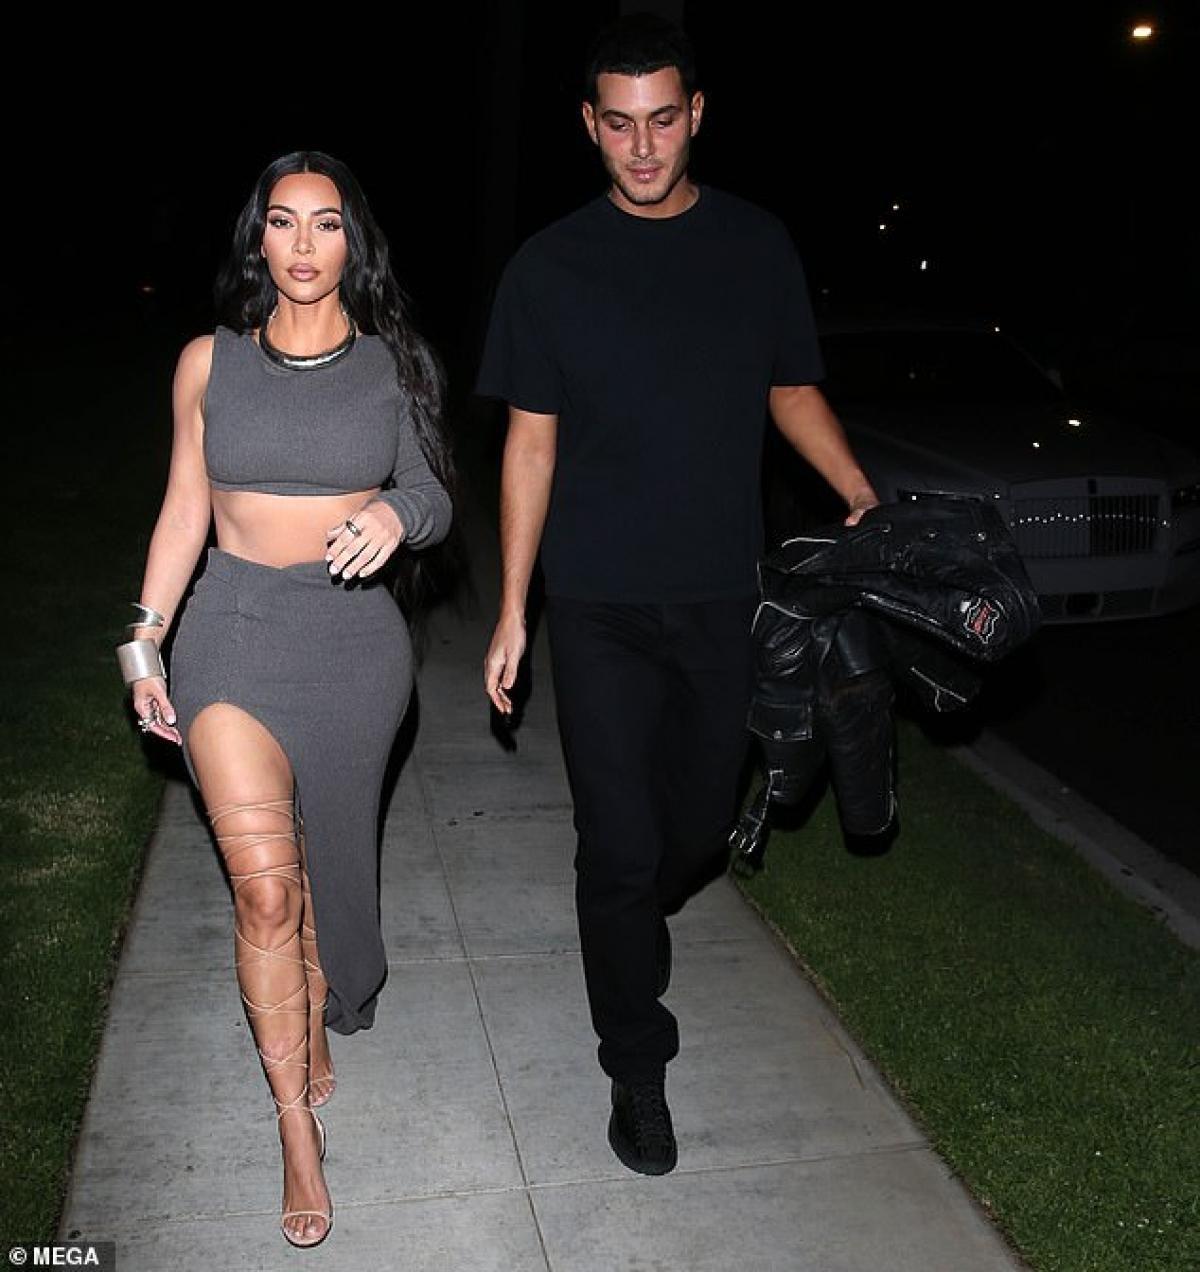 Kim Kardashian gợi cảm đến dự tiệc sinh nhật của tỷ phú gốc Ấn Độ Ảnh 2